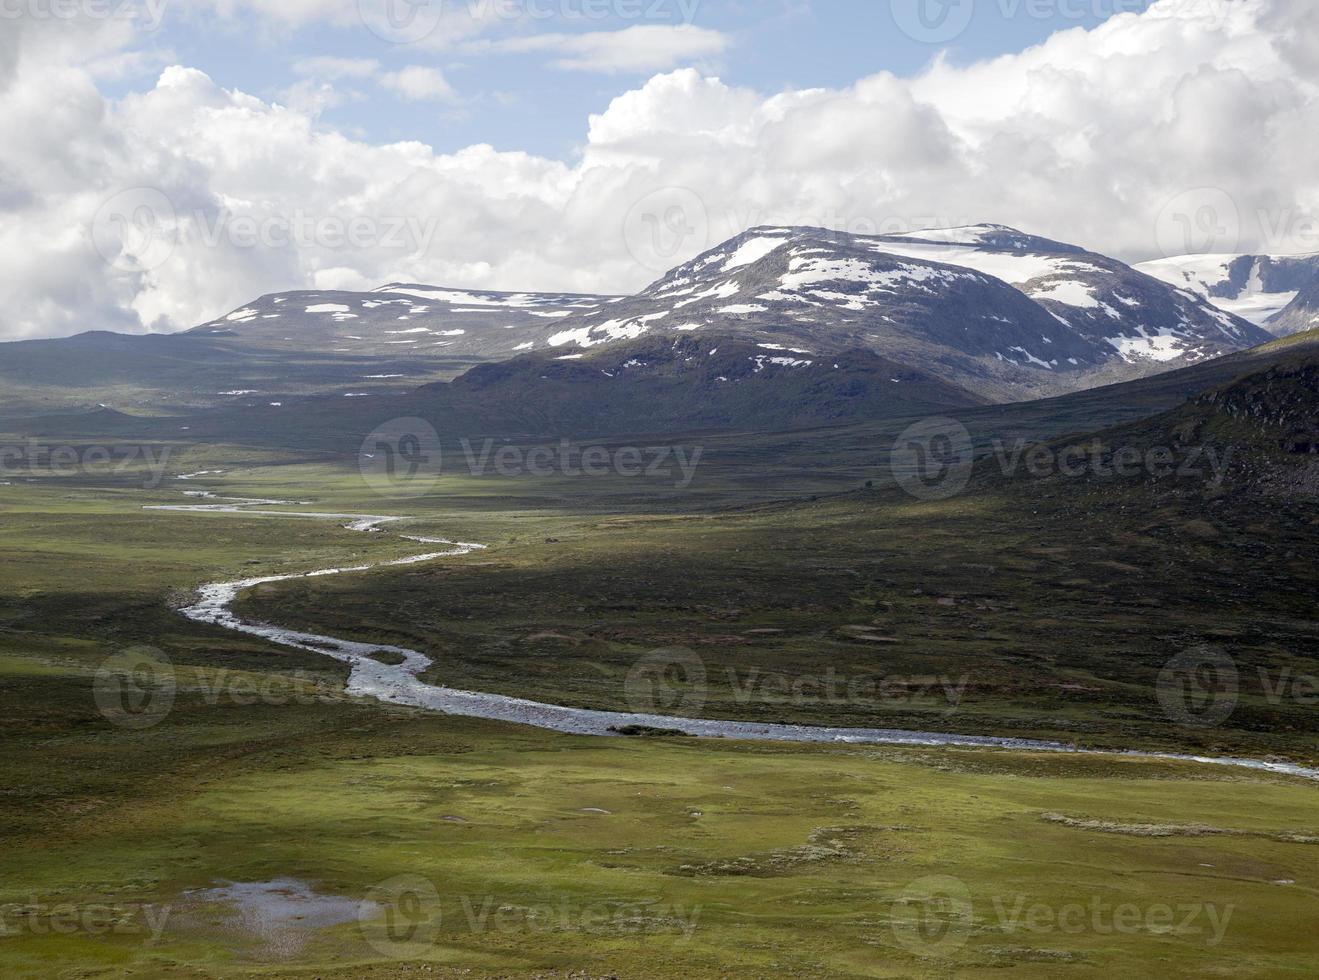 vale leirungsdalen (parque nacional jotunheimen, vaga, noruega) foto